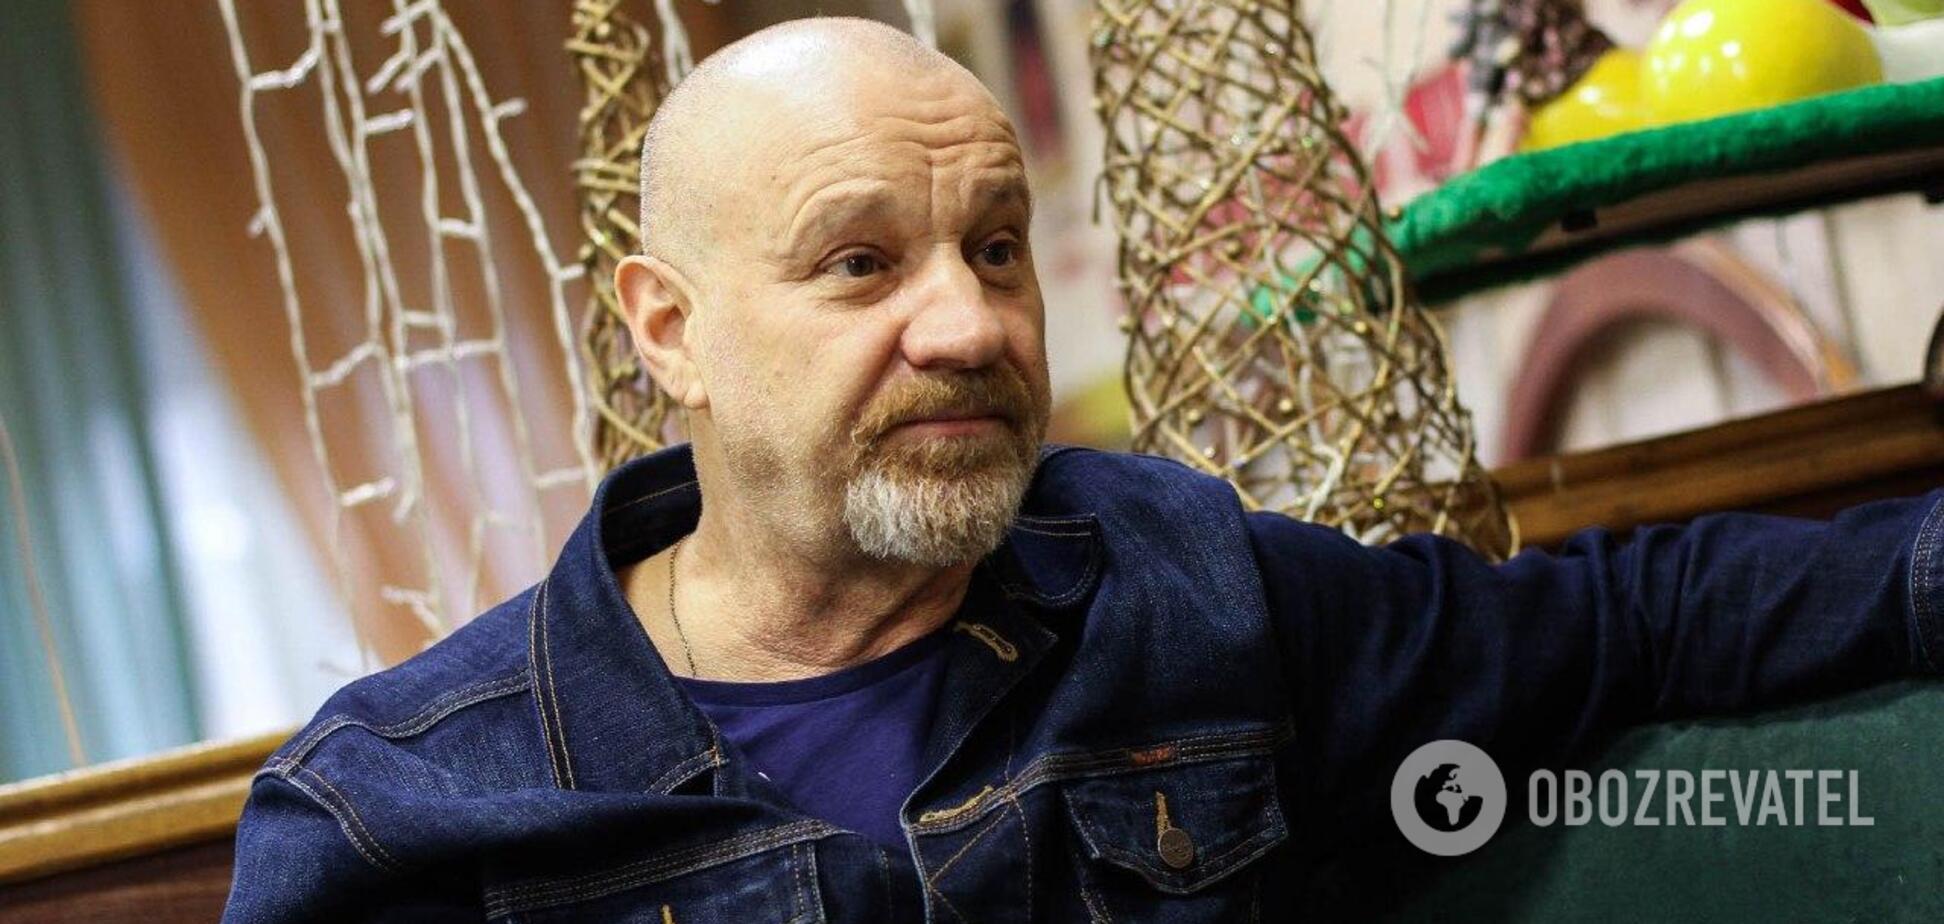 Делієв пройшовся по артистах, які підтримали анексію Криму